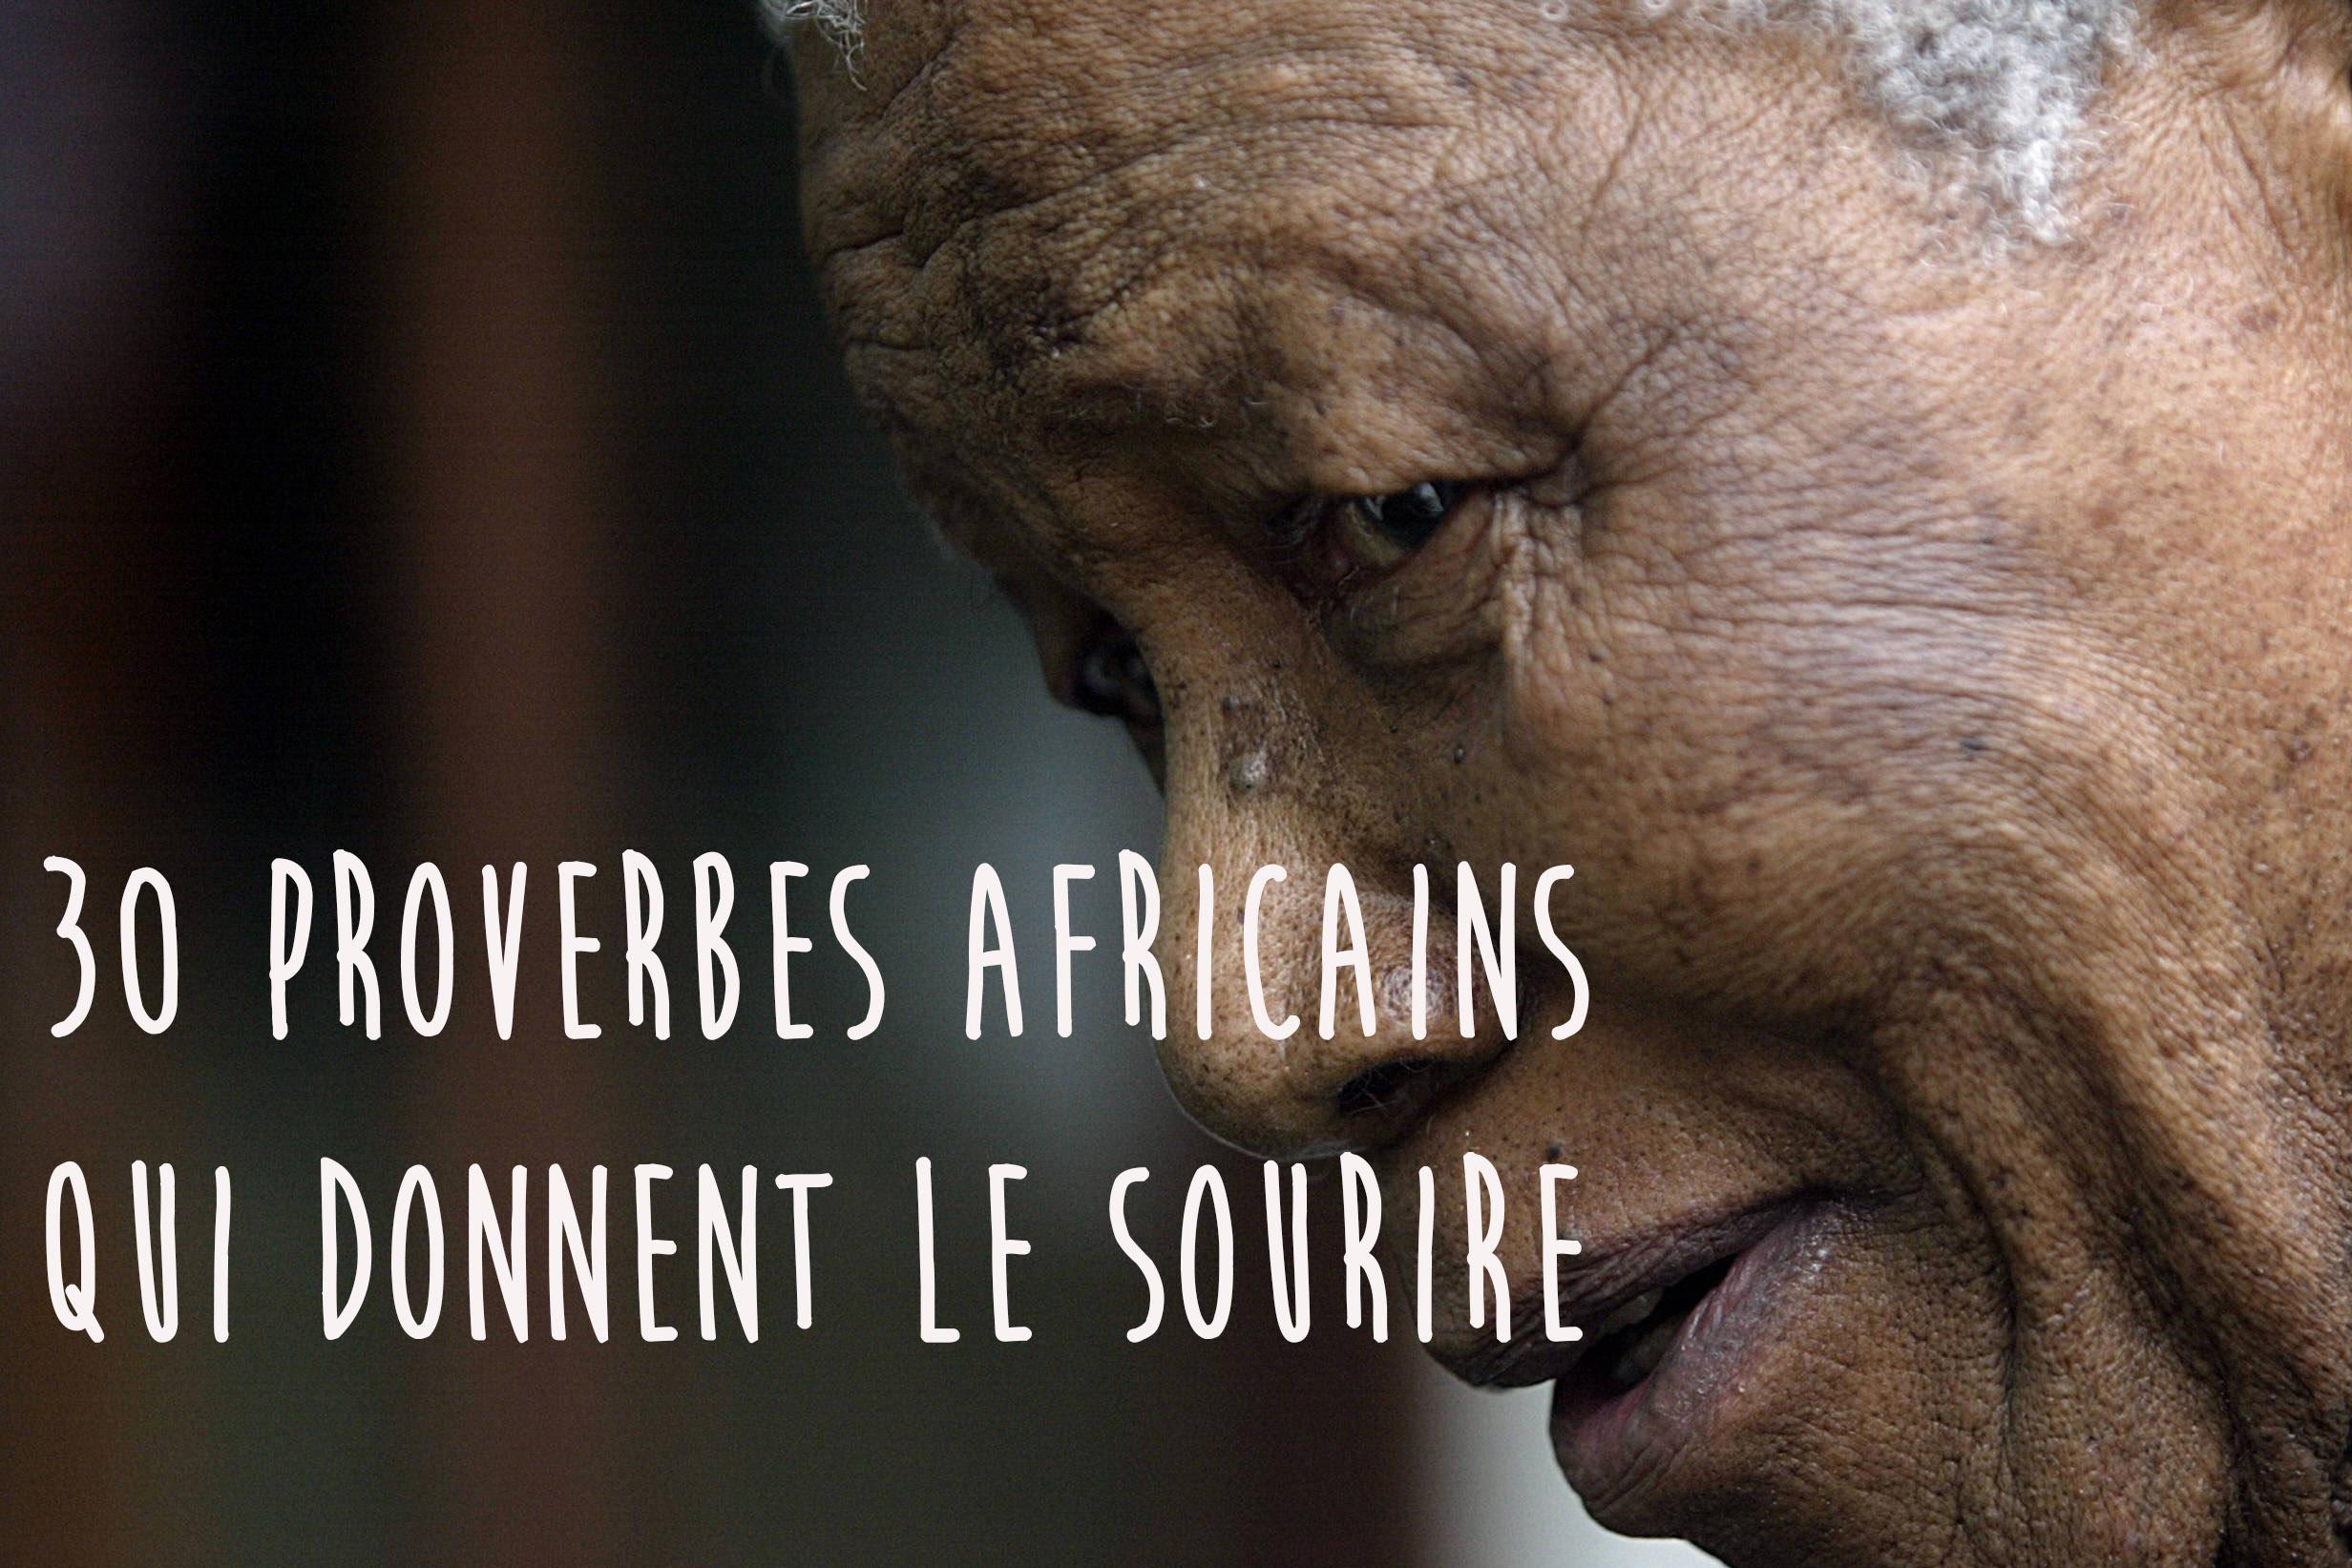 Humoristique Proverbe Chinois Anniversaire.30 Proverbes Africains Qui Donnent Le Sourire Album Photo